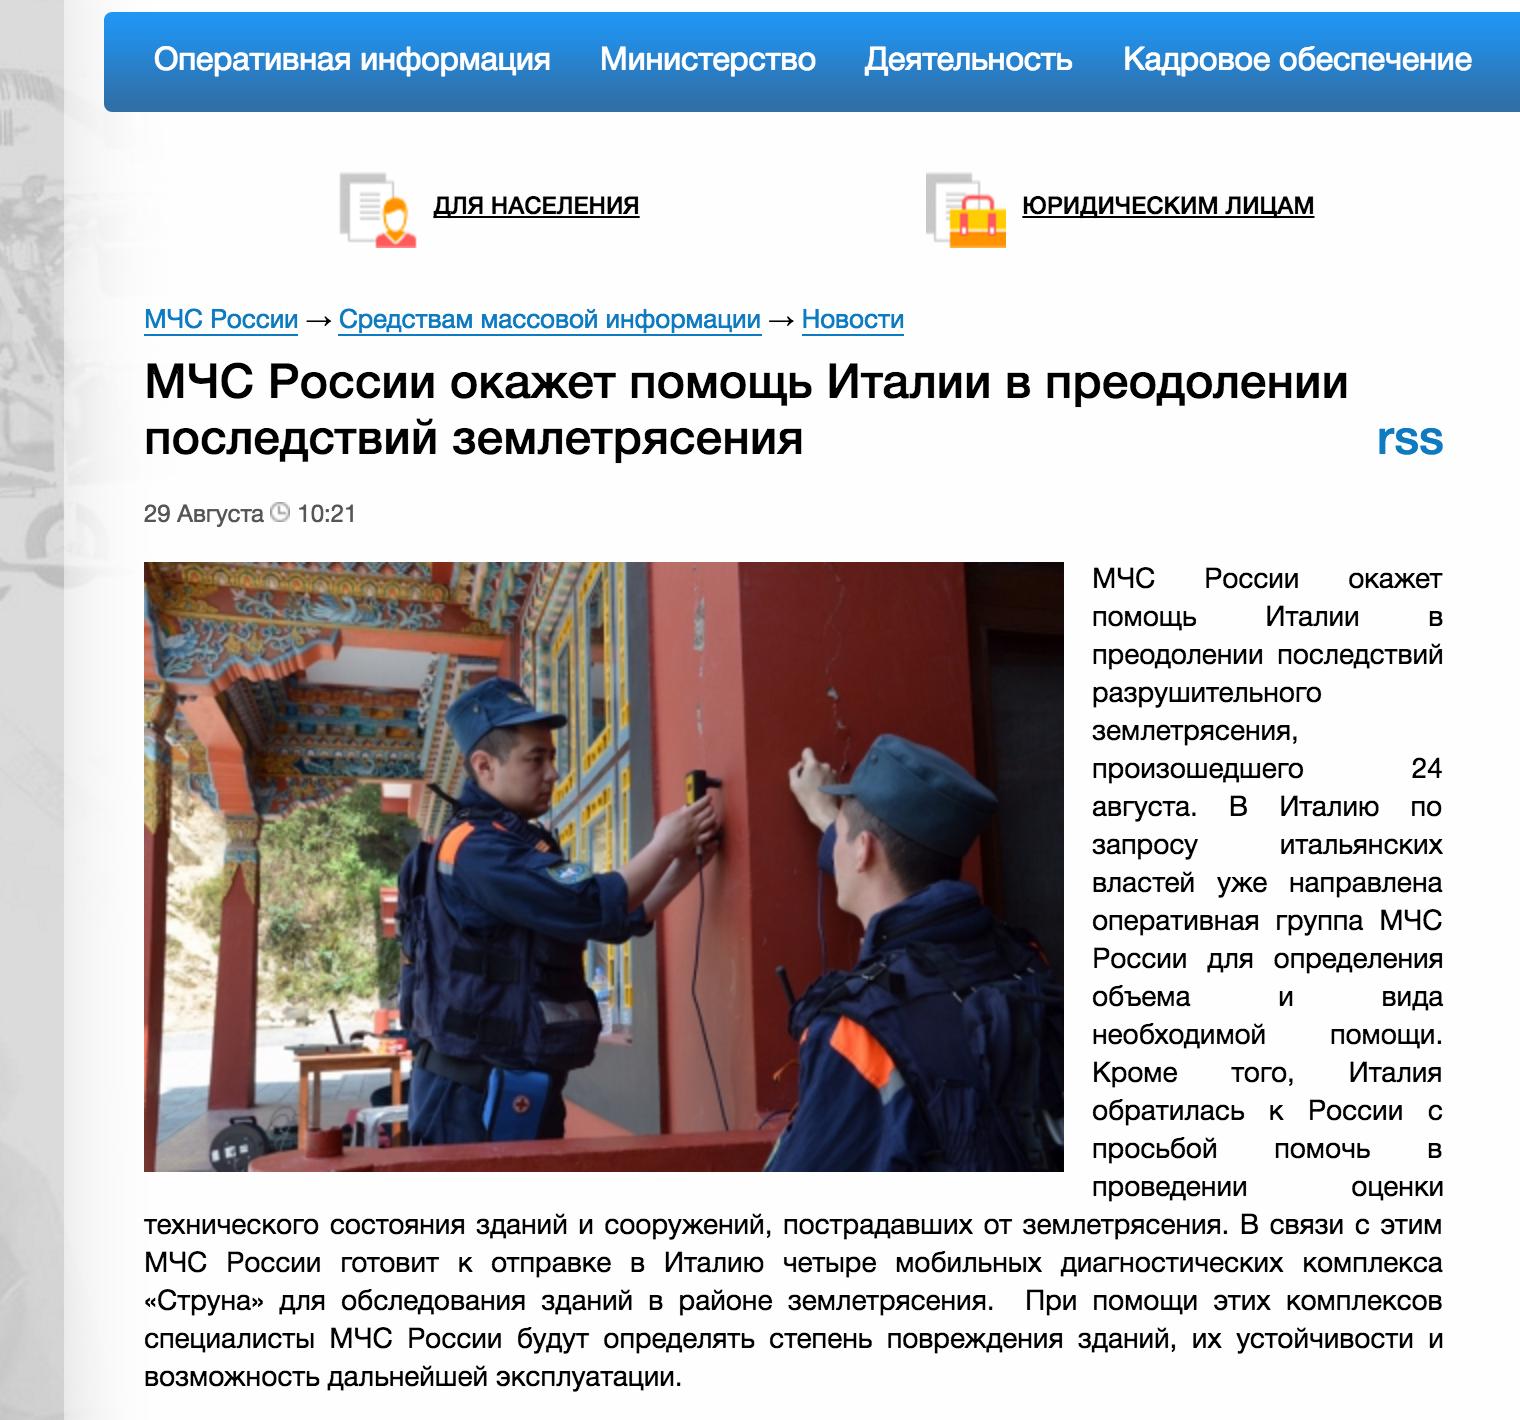 Screenshot de pe site-ul Ministerul pentru Situații de Urgență al Rusiei